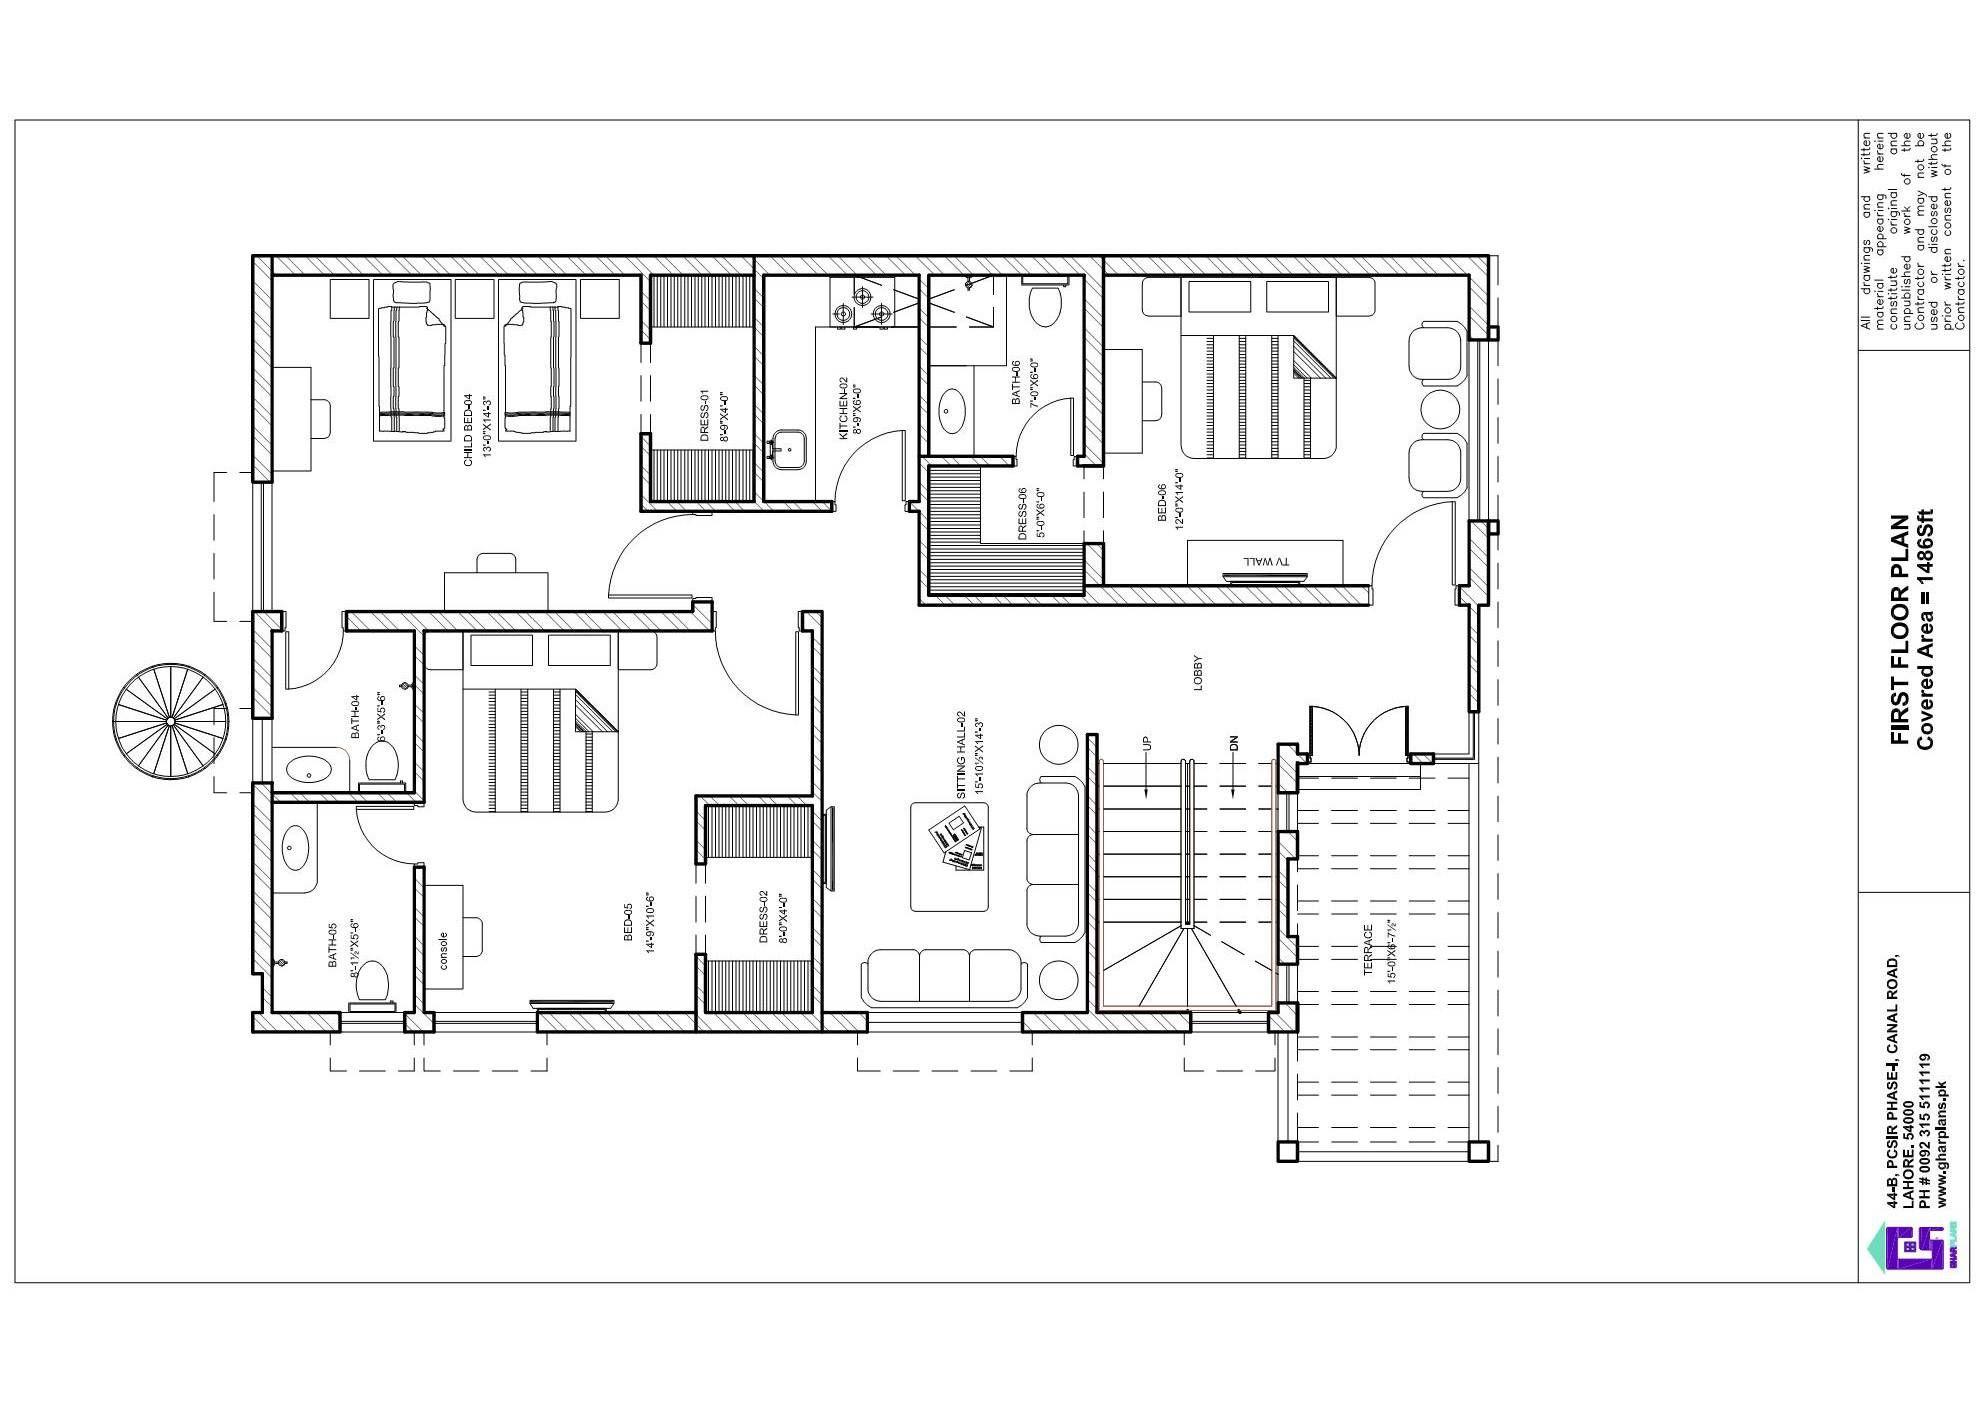 10 Marla First Floor Plan Basement House Plans House Plans Beautiful House Plans